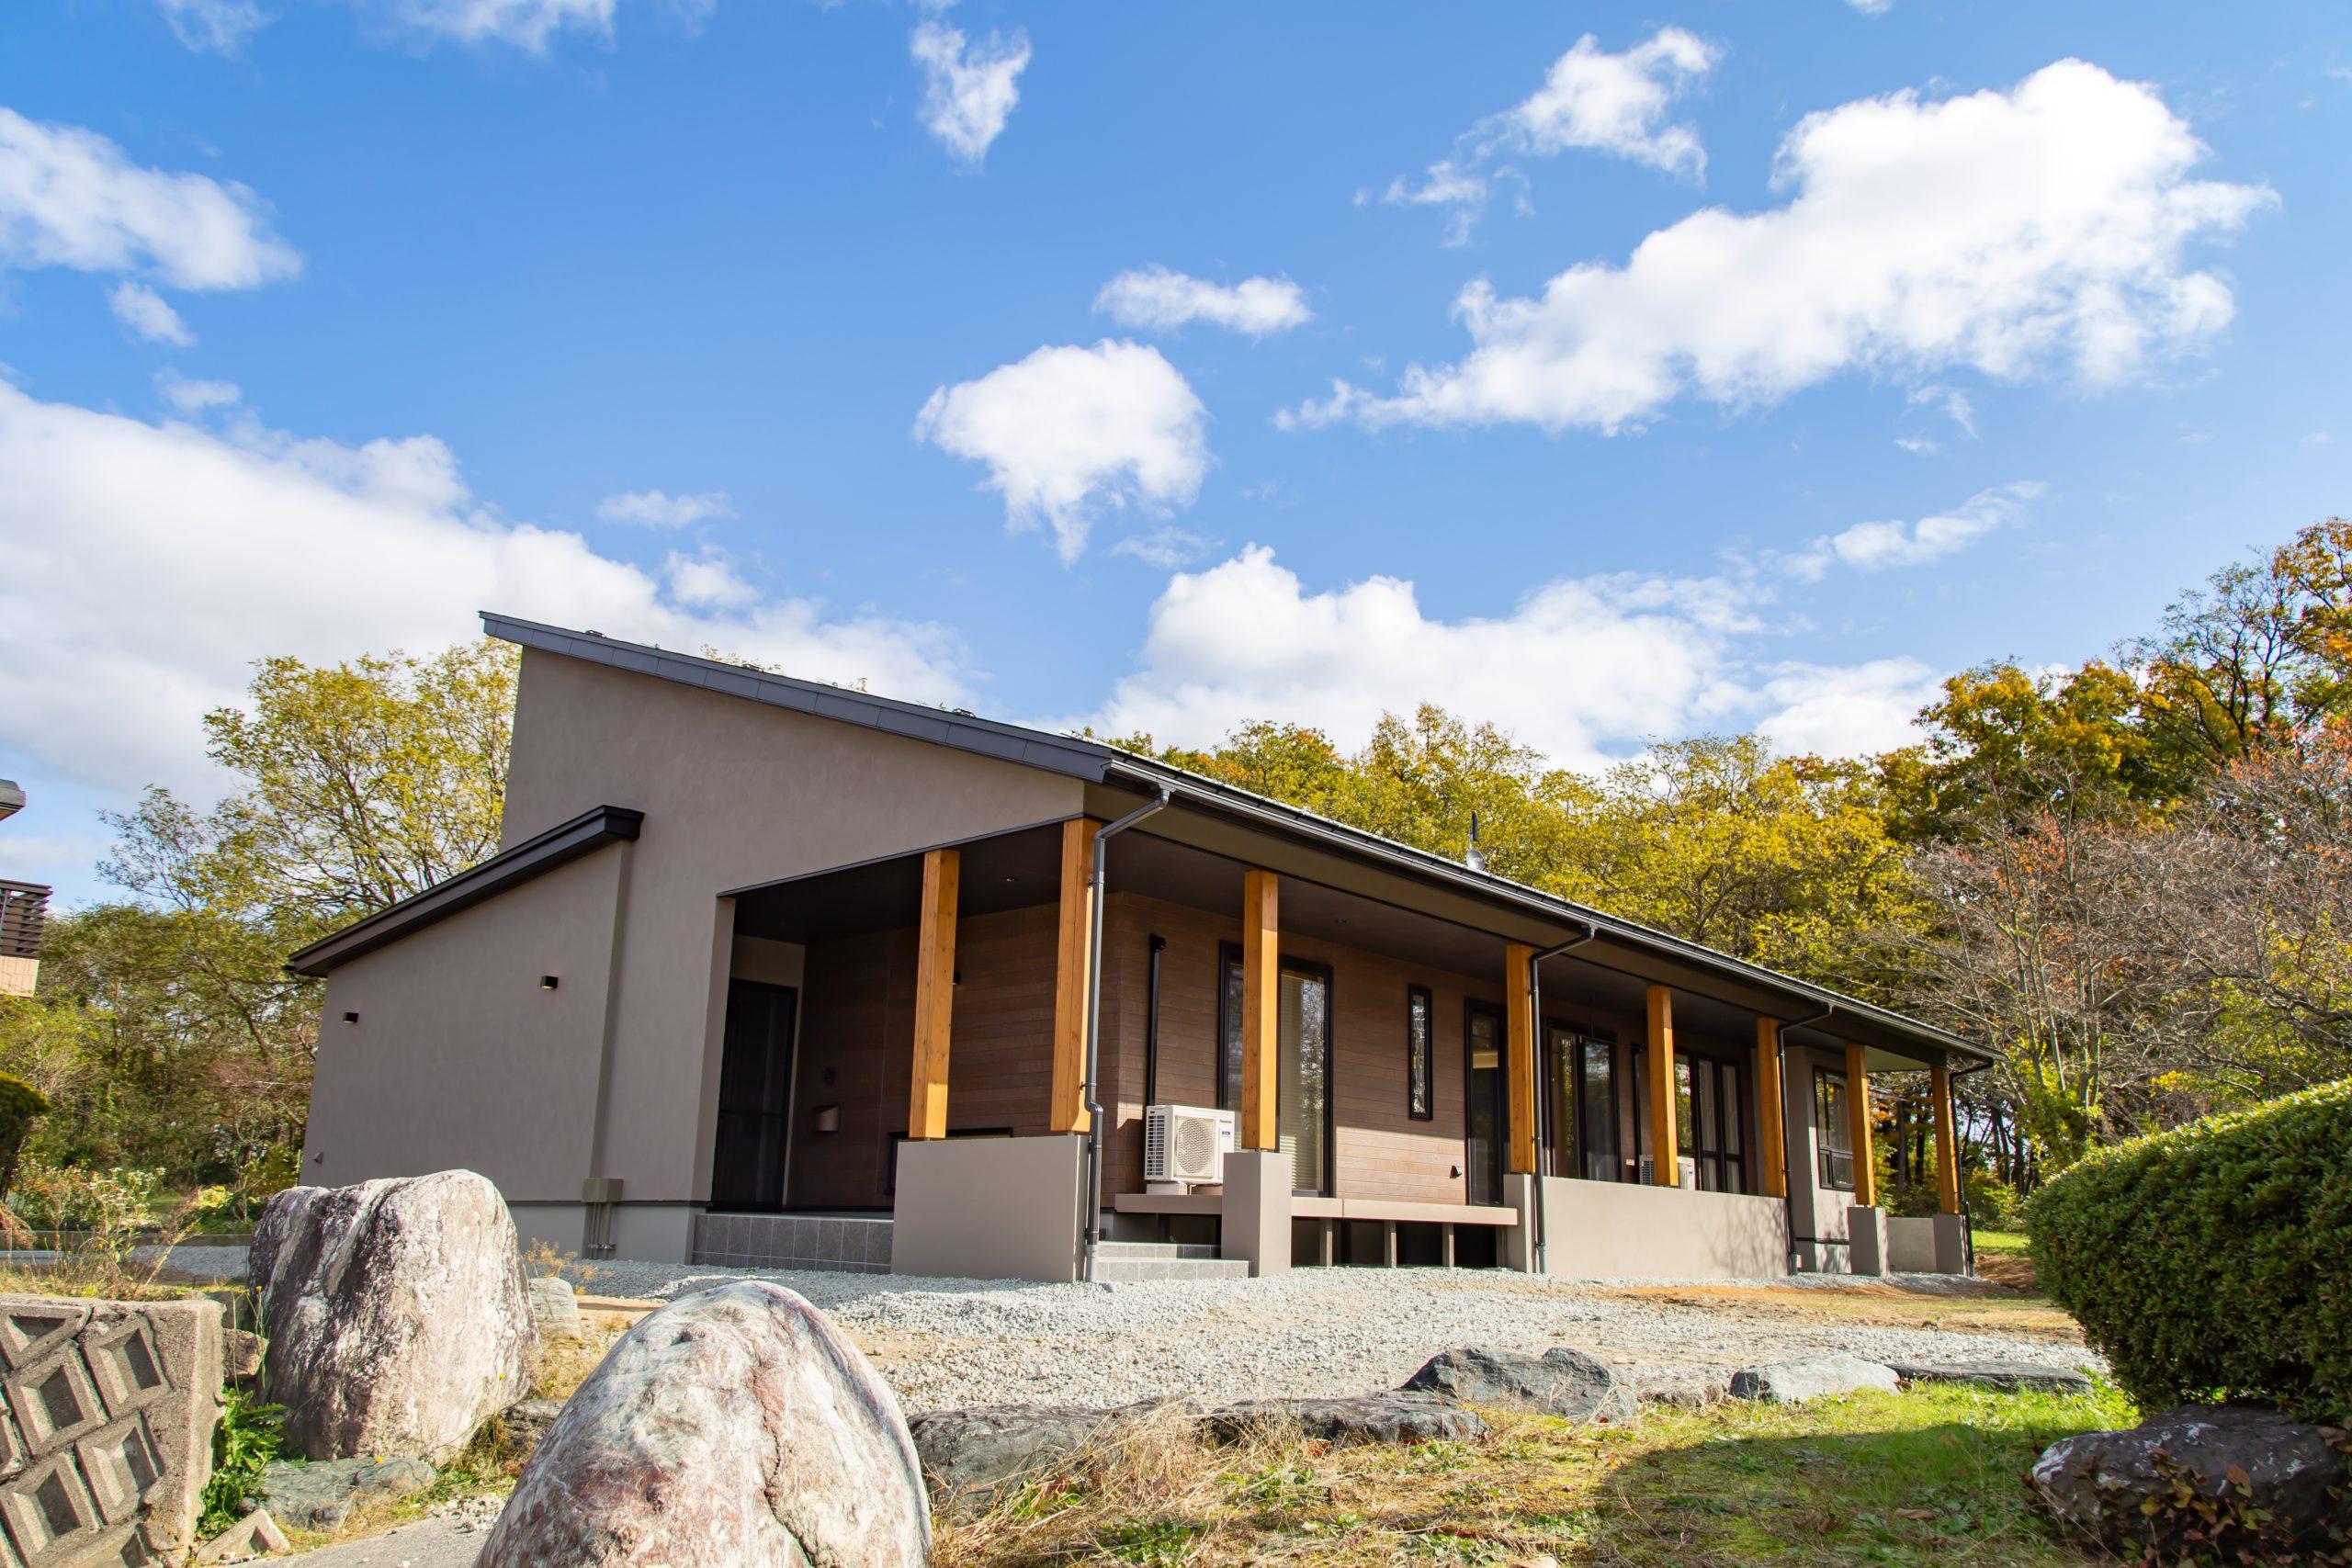 【山形県長井市】新築一戸建て実例写真 おしゃれな外観